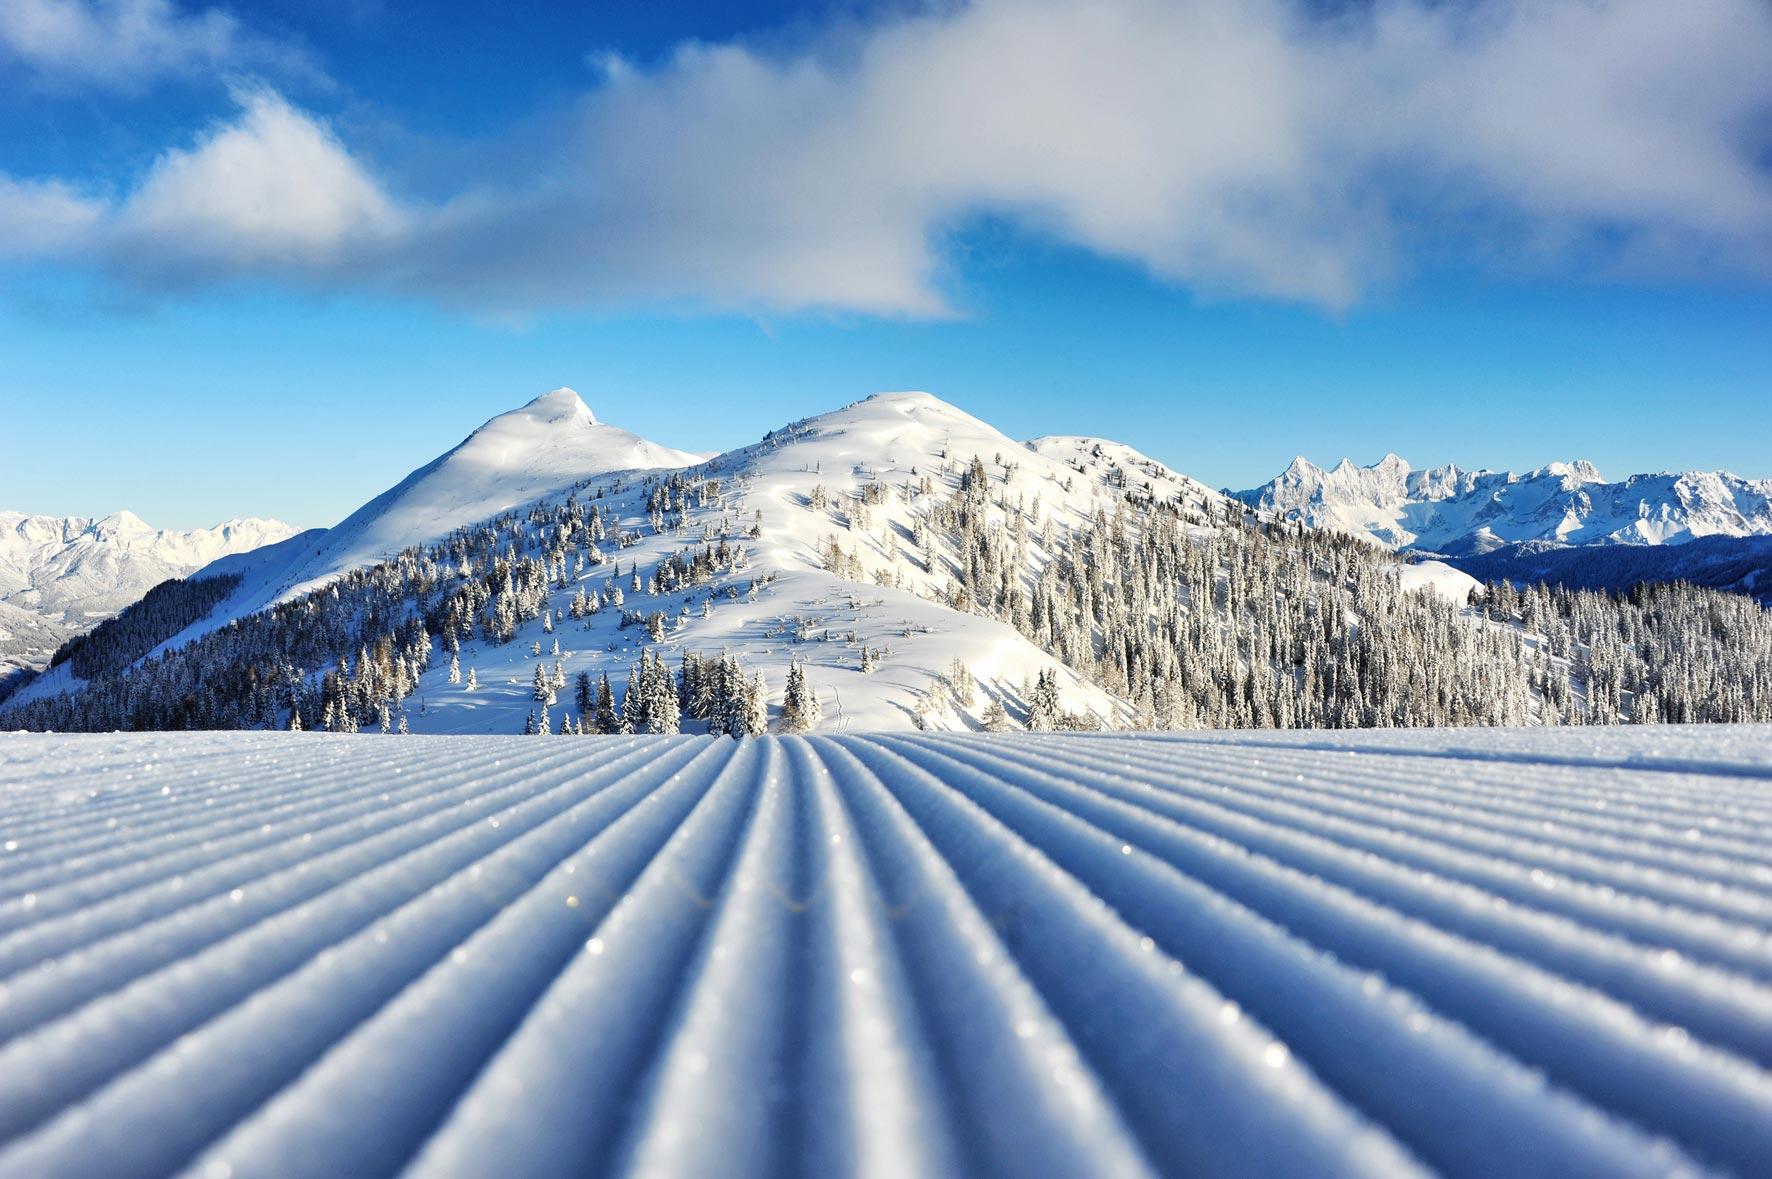 Die Pisten am gamskogel sind ab dem 19. November bereit für für den Winter - Saisonstart am Gamskogel - Zauchensee